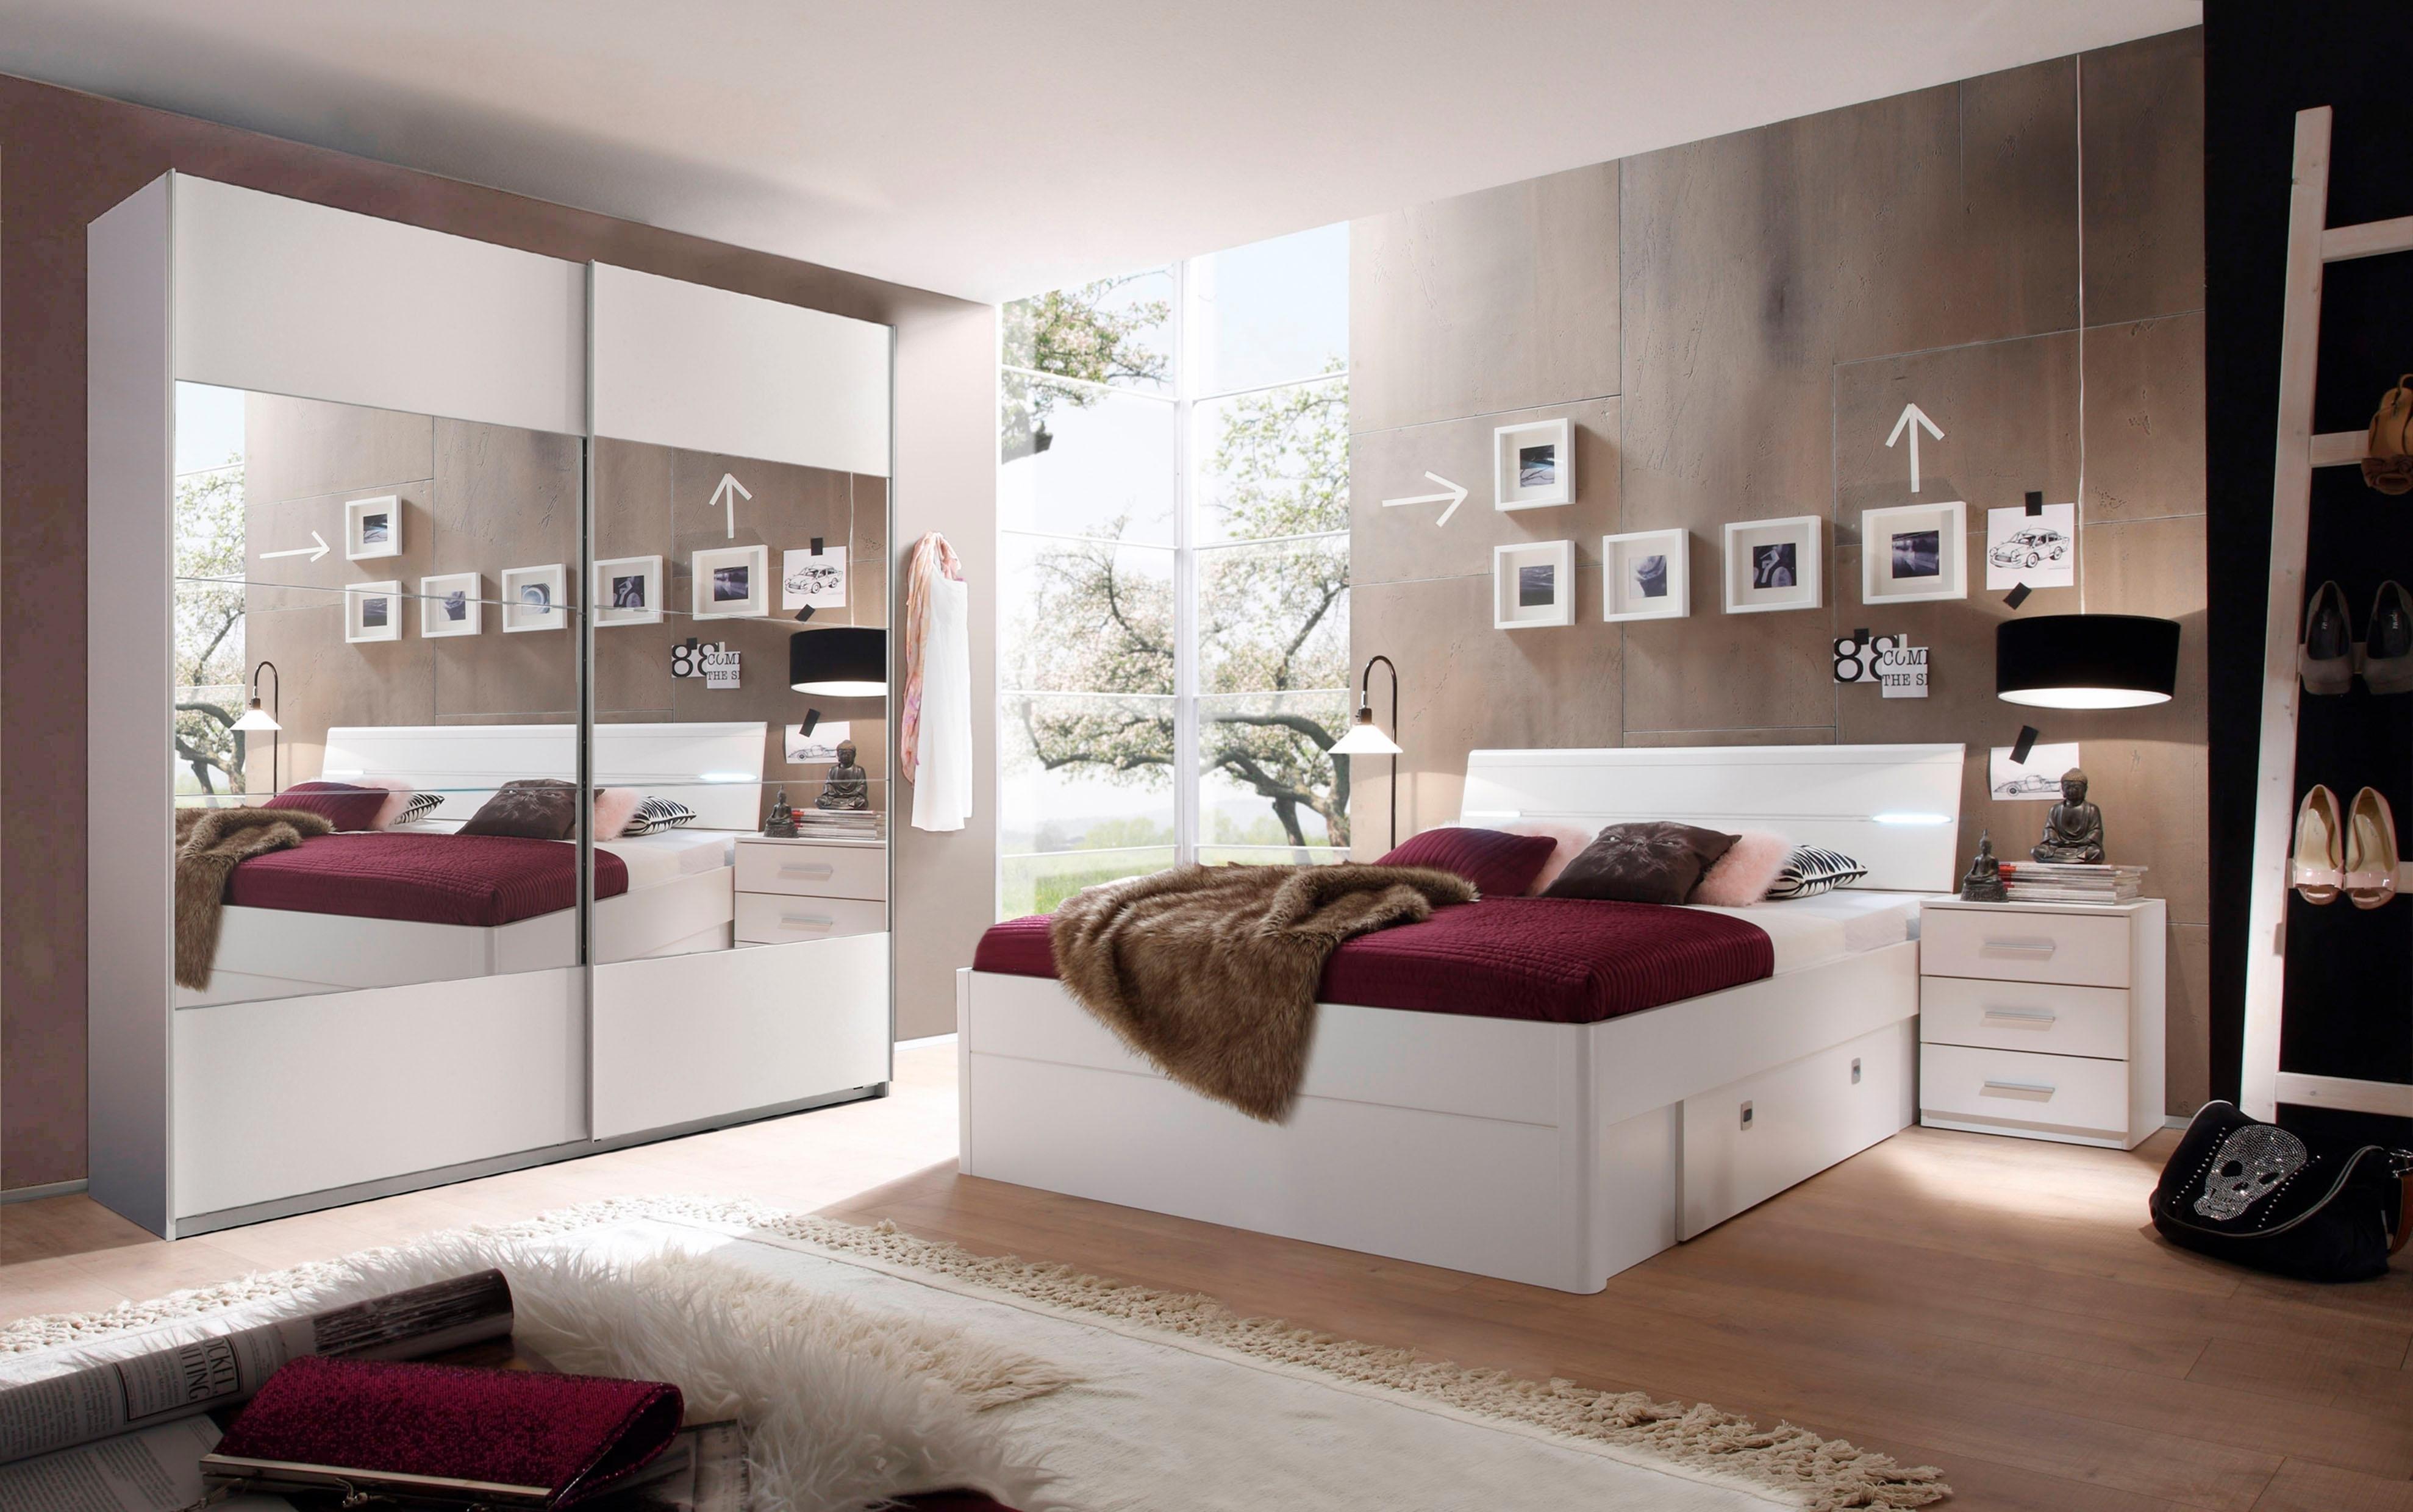 Schlafkontor slaapkamerserie Mars in 2 versies - gratis ruilen op otto.nl